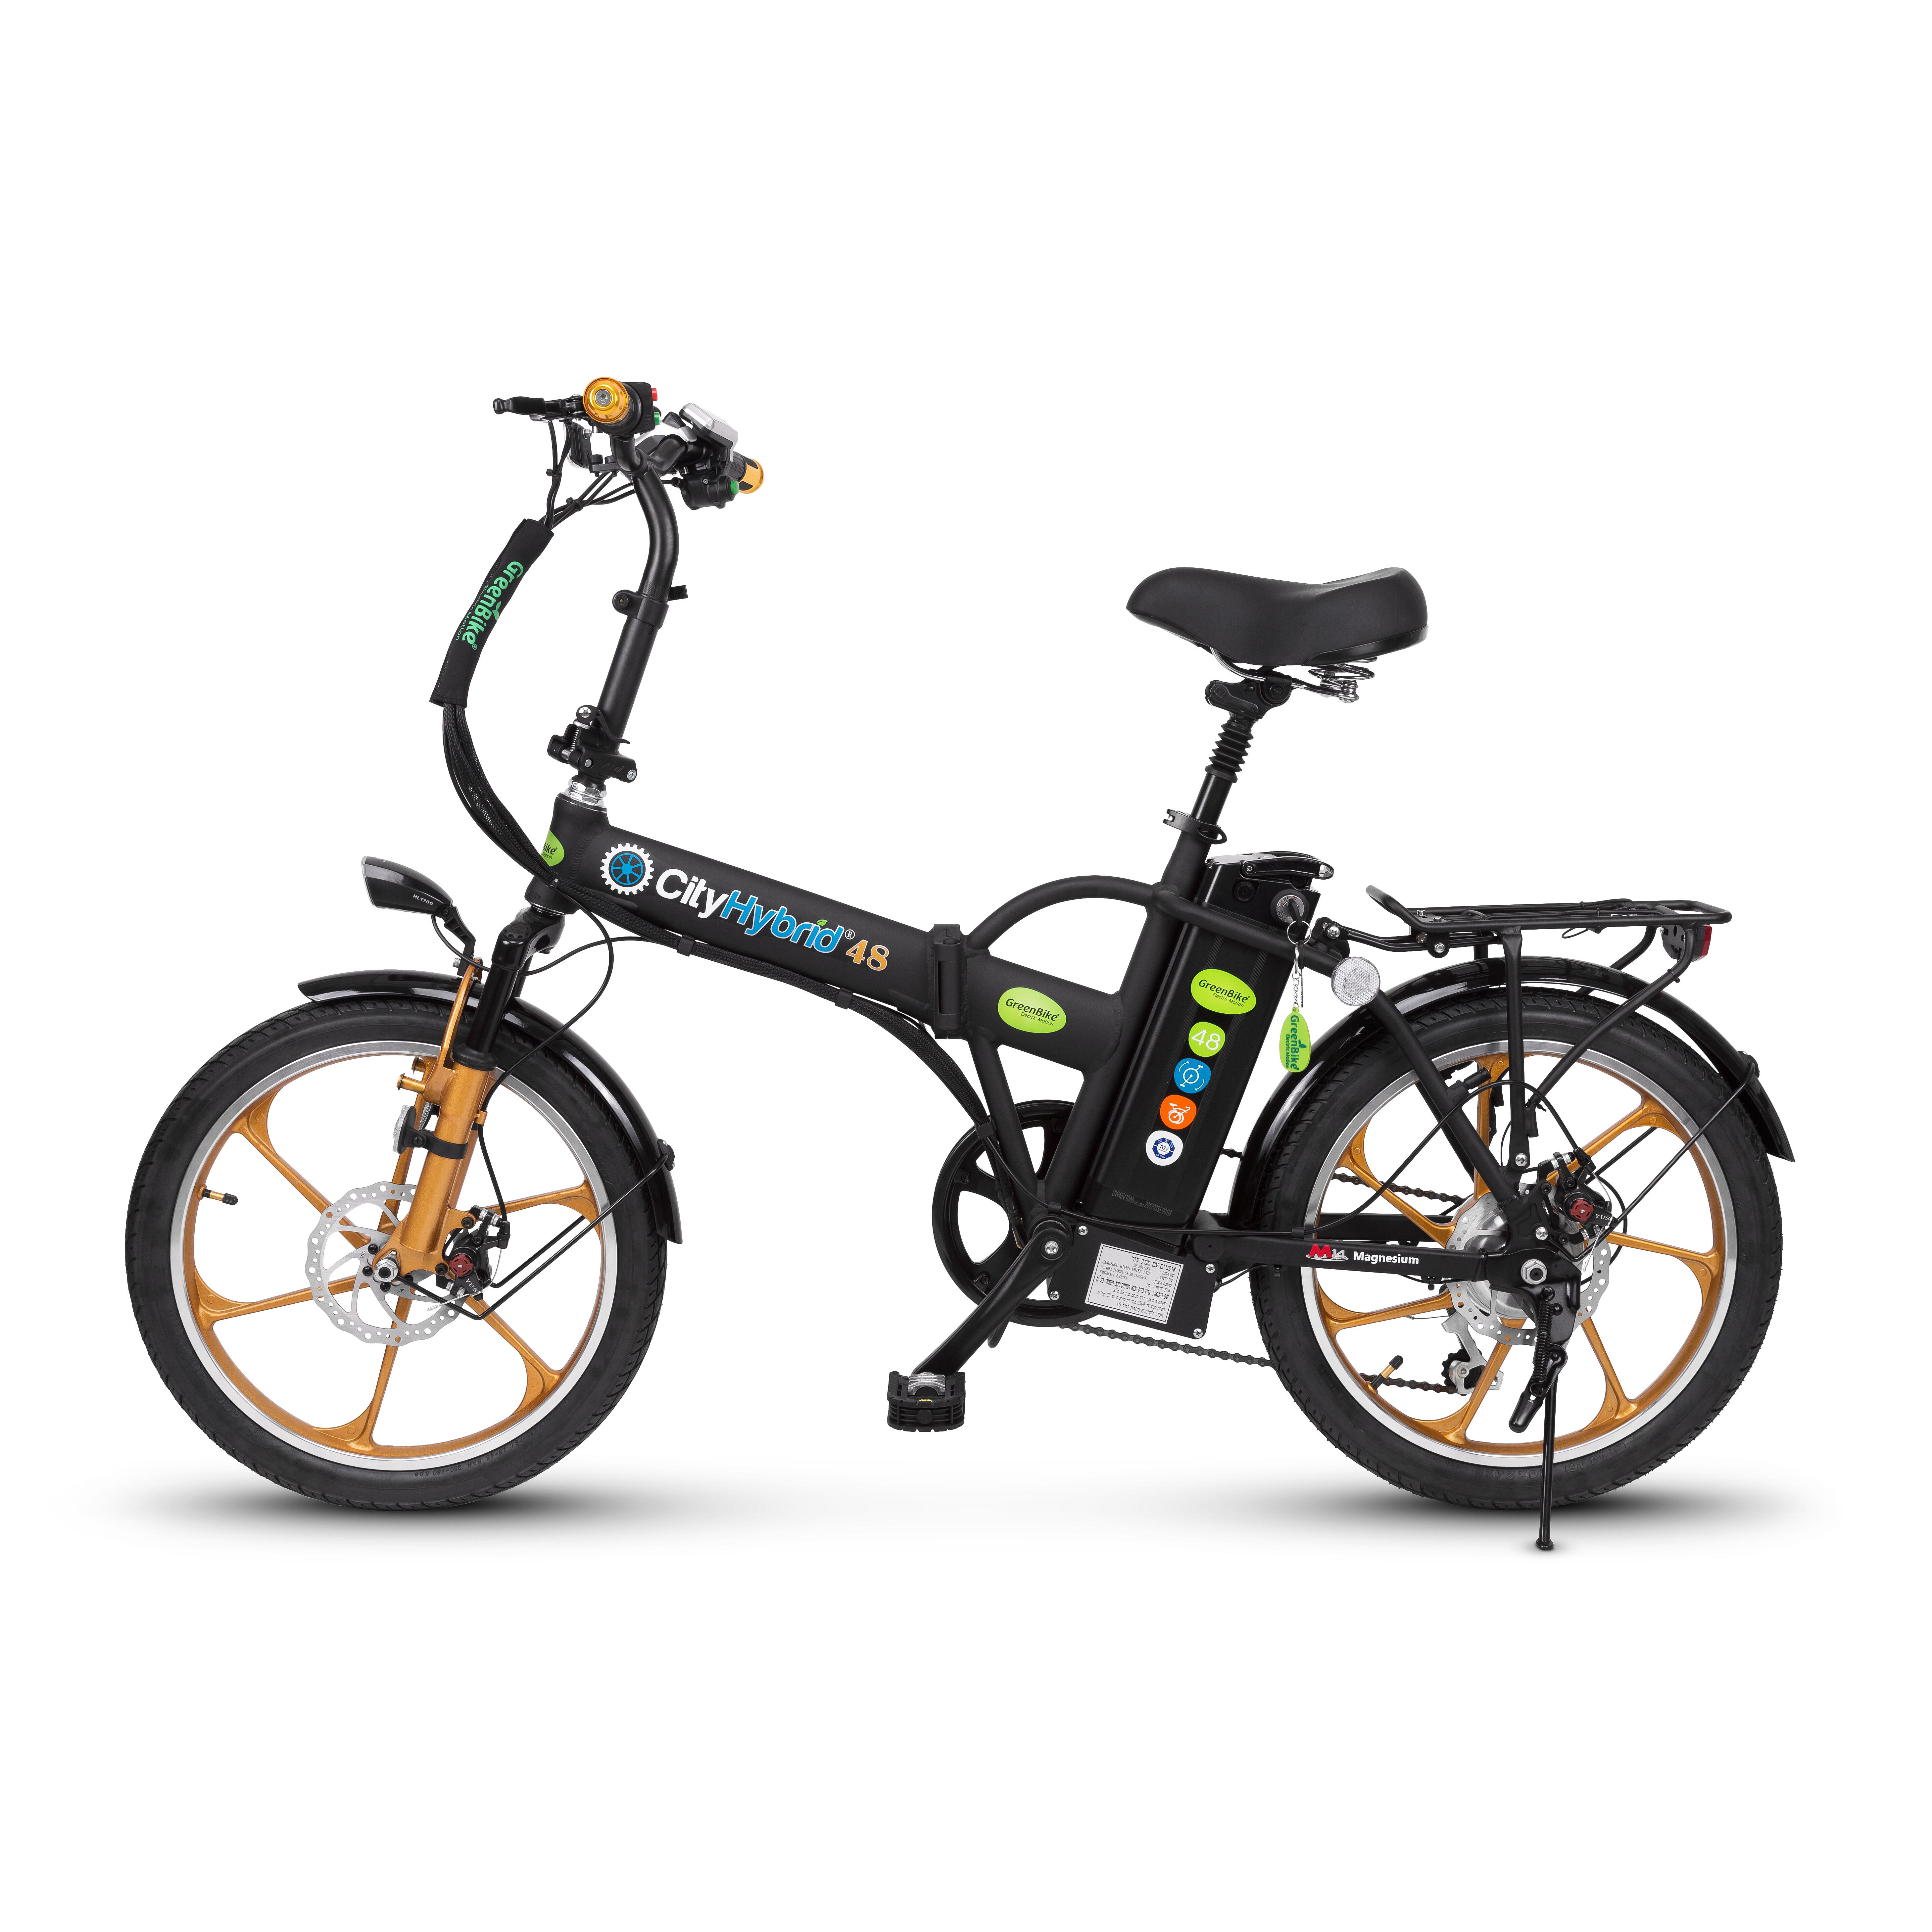 אופניים חשמליות Hybrid 48 – גלגלים שמנים